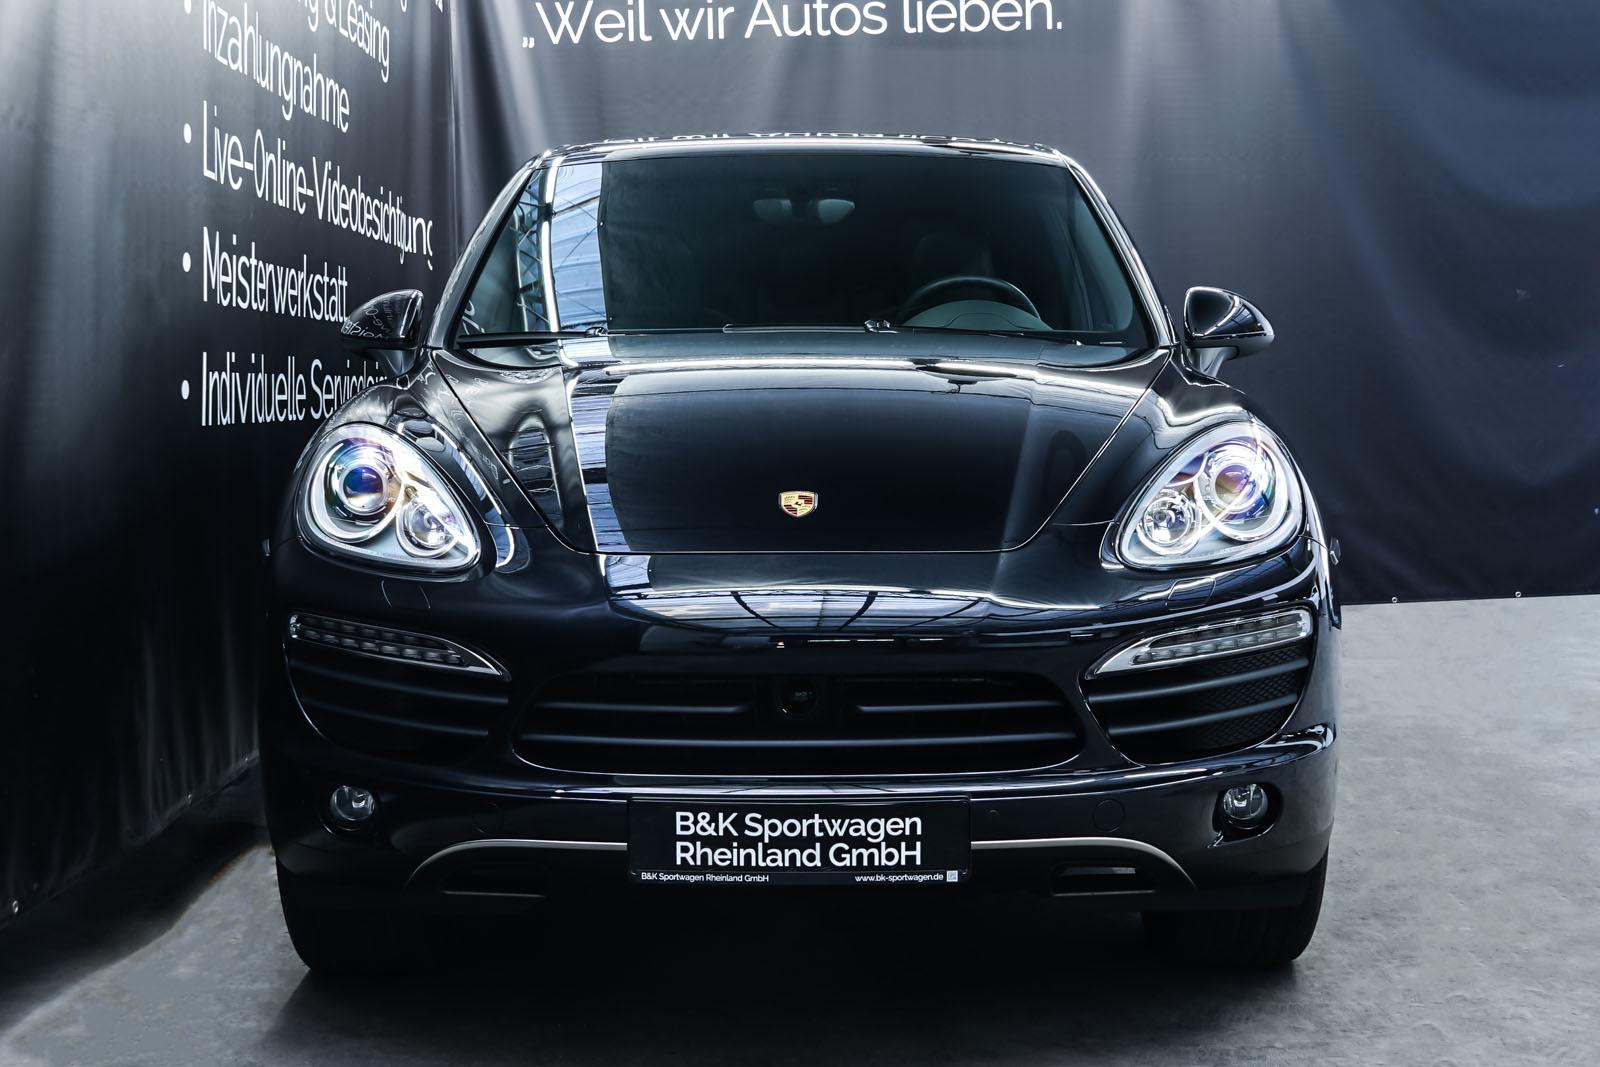 Porsche_CayenneS_Schwarz_Schwarz_POR-2086_1_w